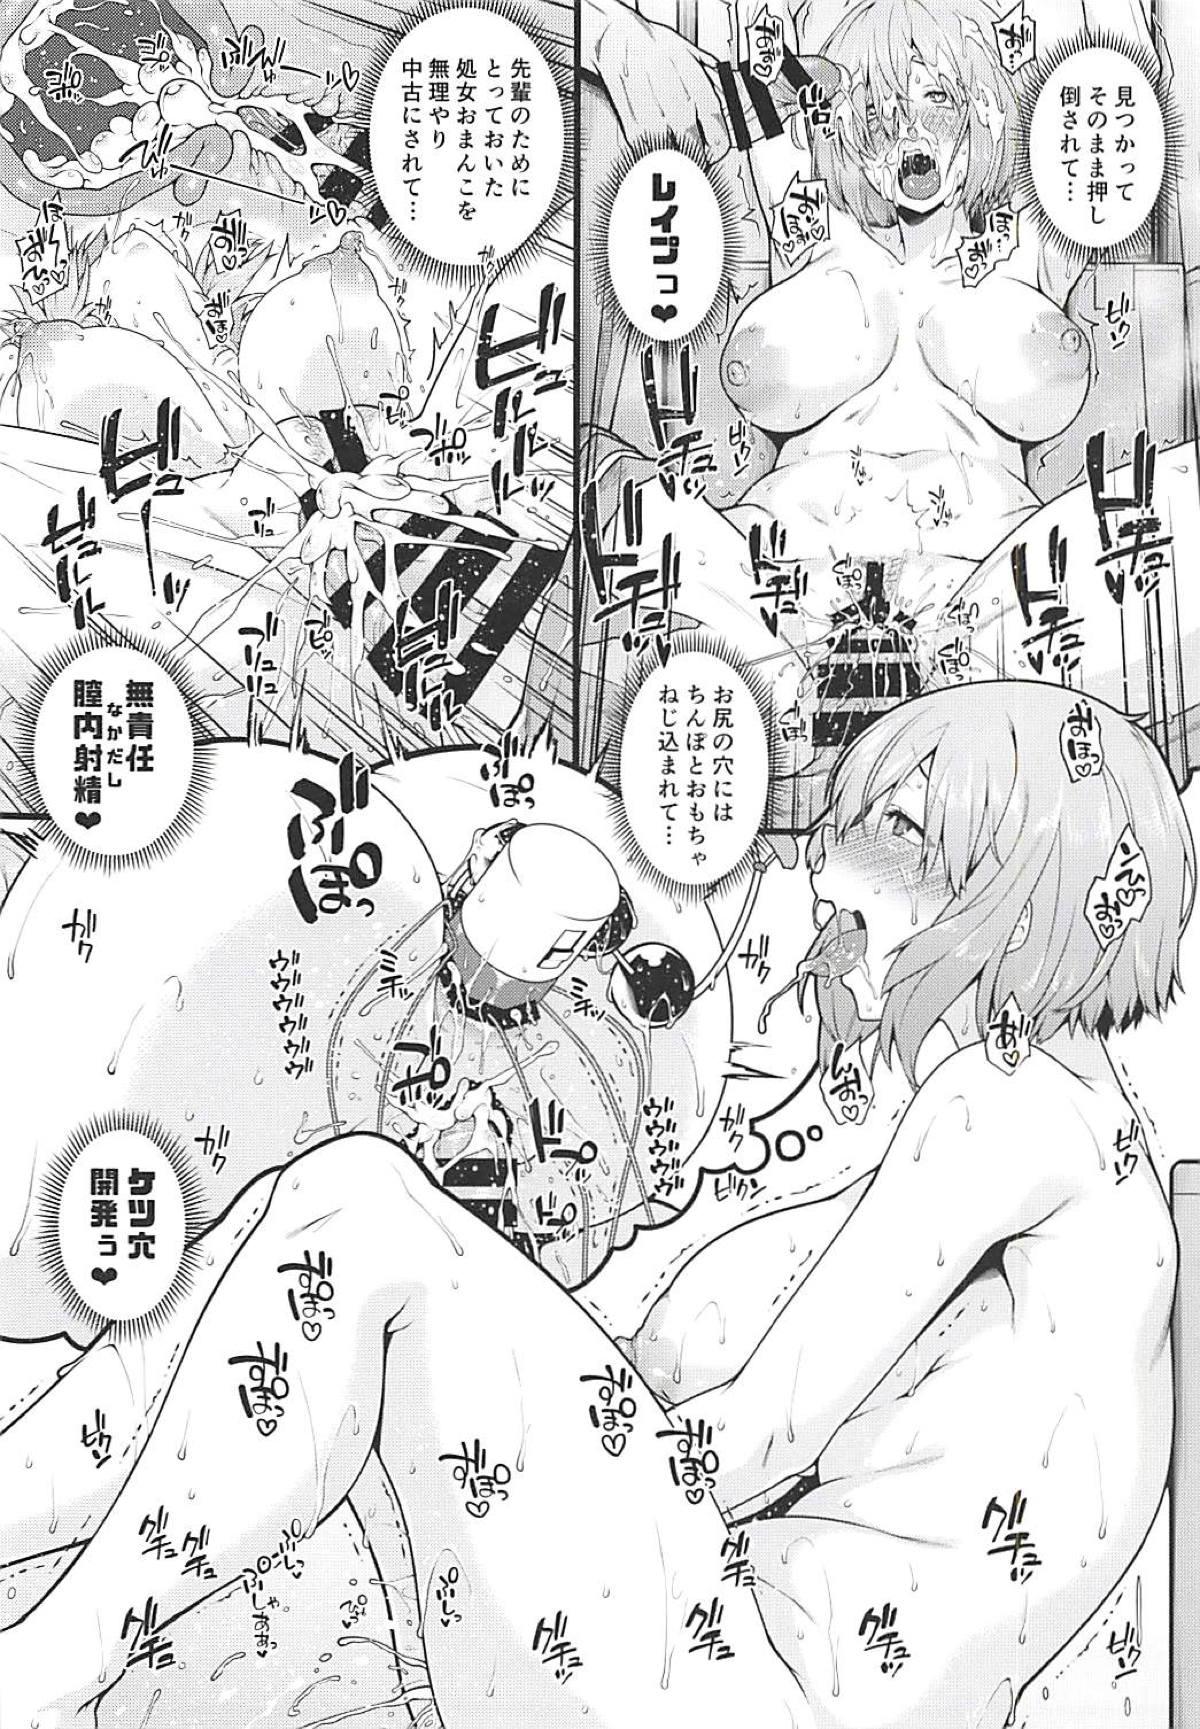 【エロ漫画】うちの後輩は先輩のことが大好きすぎて裸徘徊オナニーしちゃう始末ですよwwwなんでこうなってし・・・